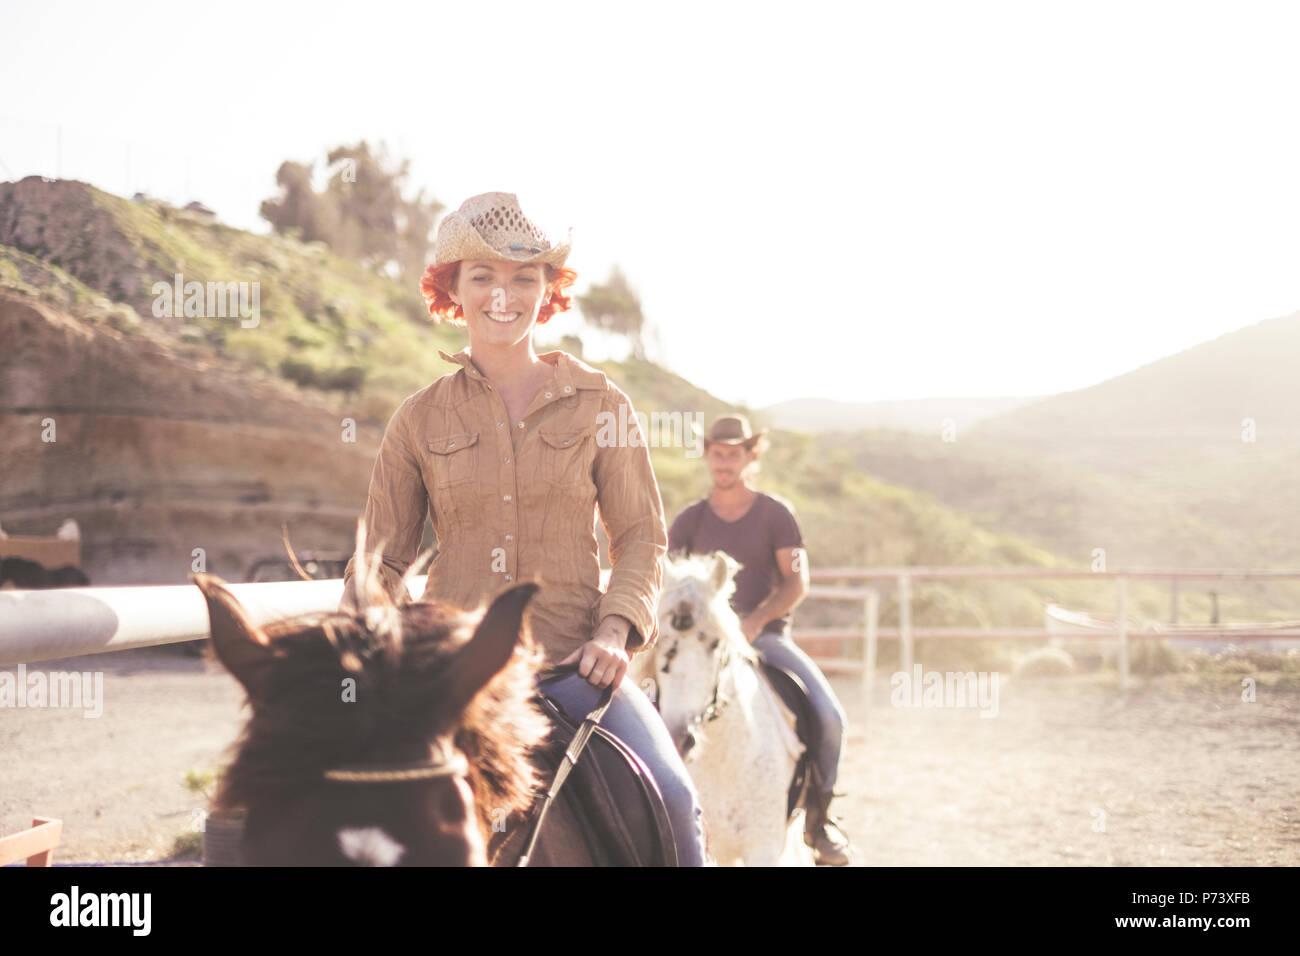 Schön kaukasischen Paar Freunde junge Leute schöne Pferde im Freien in einer Schule fahren. sun Hintergrundbeleuchtung für helles Bild in warmen Filter. Freundliche Szene wi Stockbild